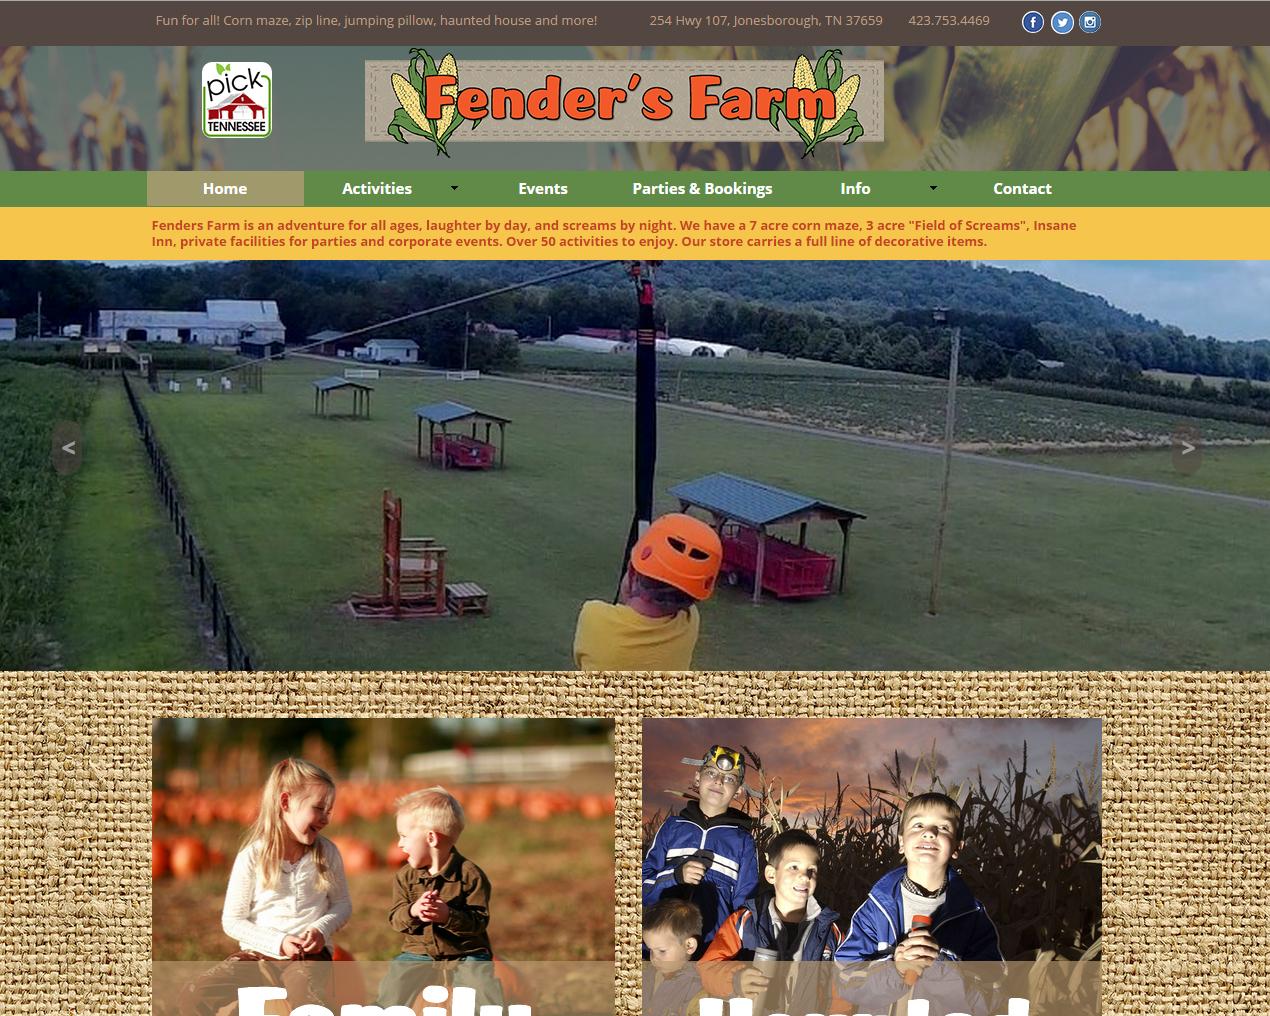 fenders farm website.jpg